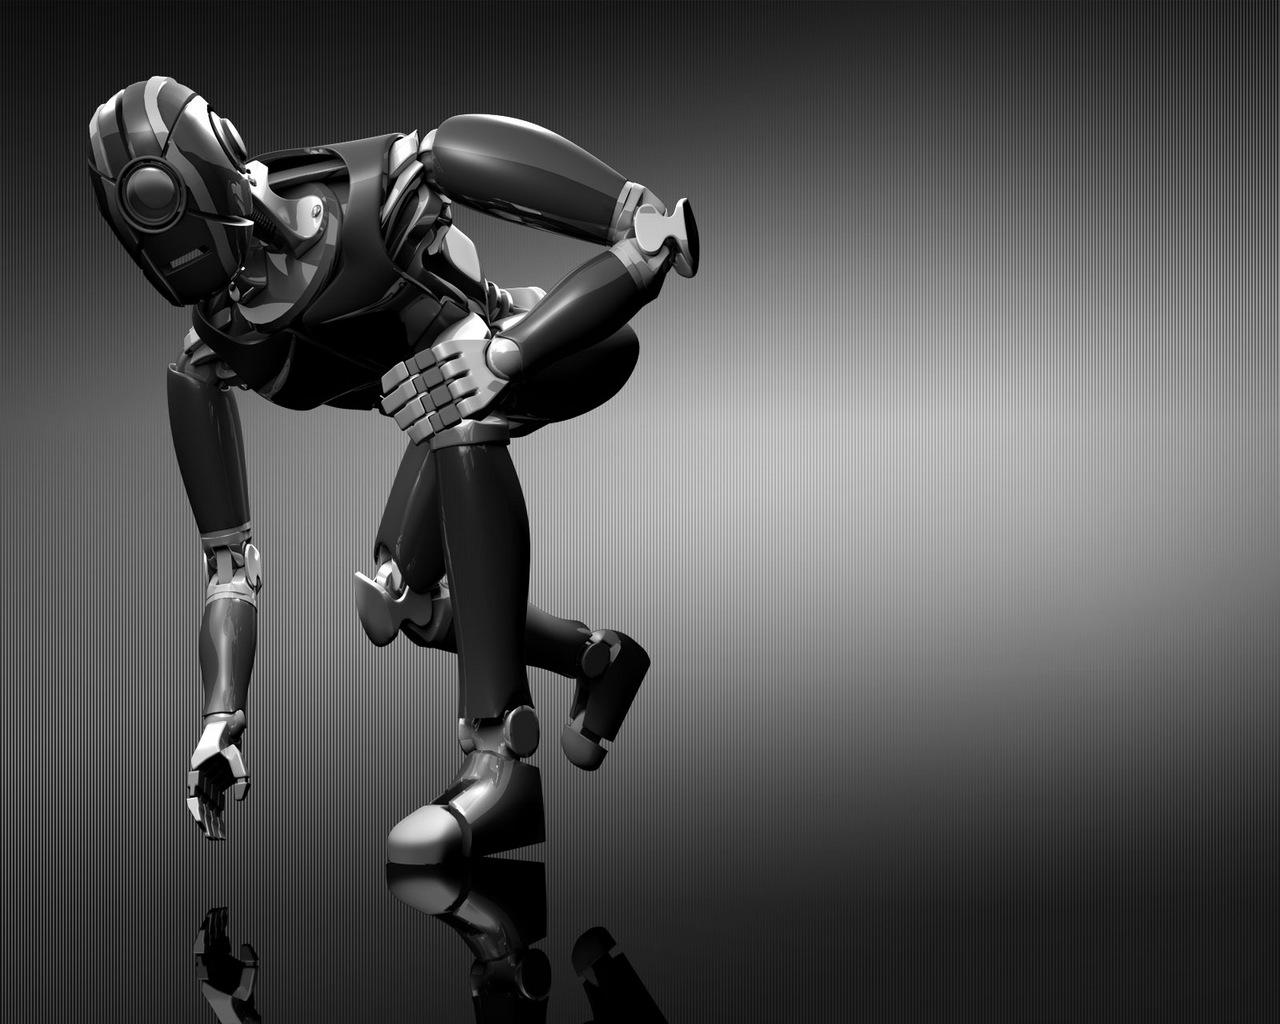 What Is Ovc Alarm In Fanuc Robot Parts - lasopasecrets